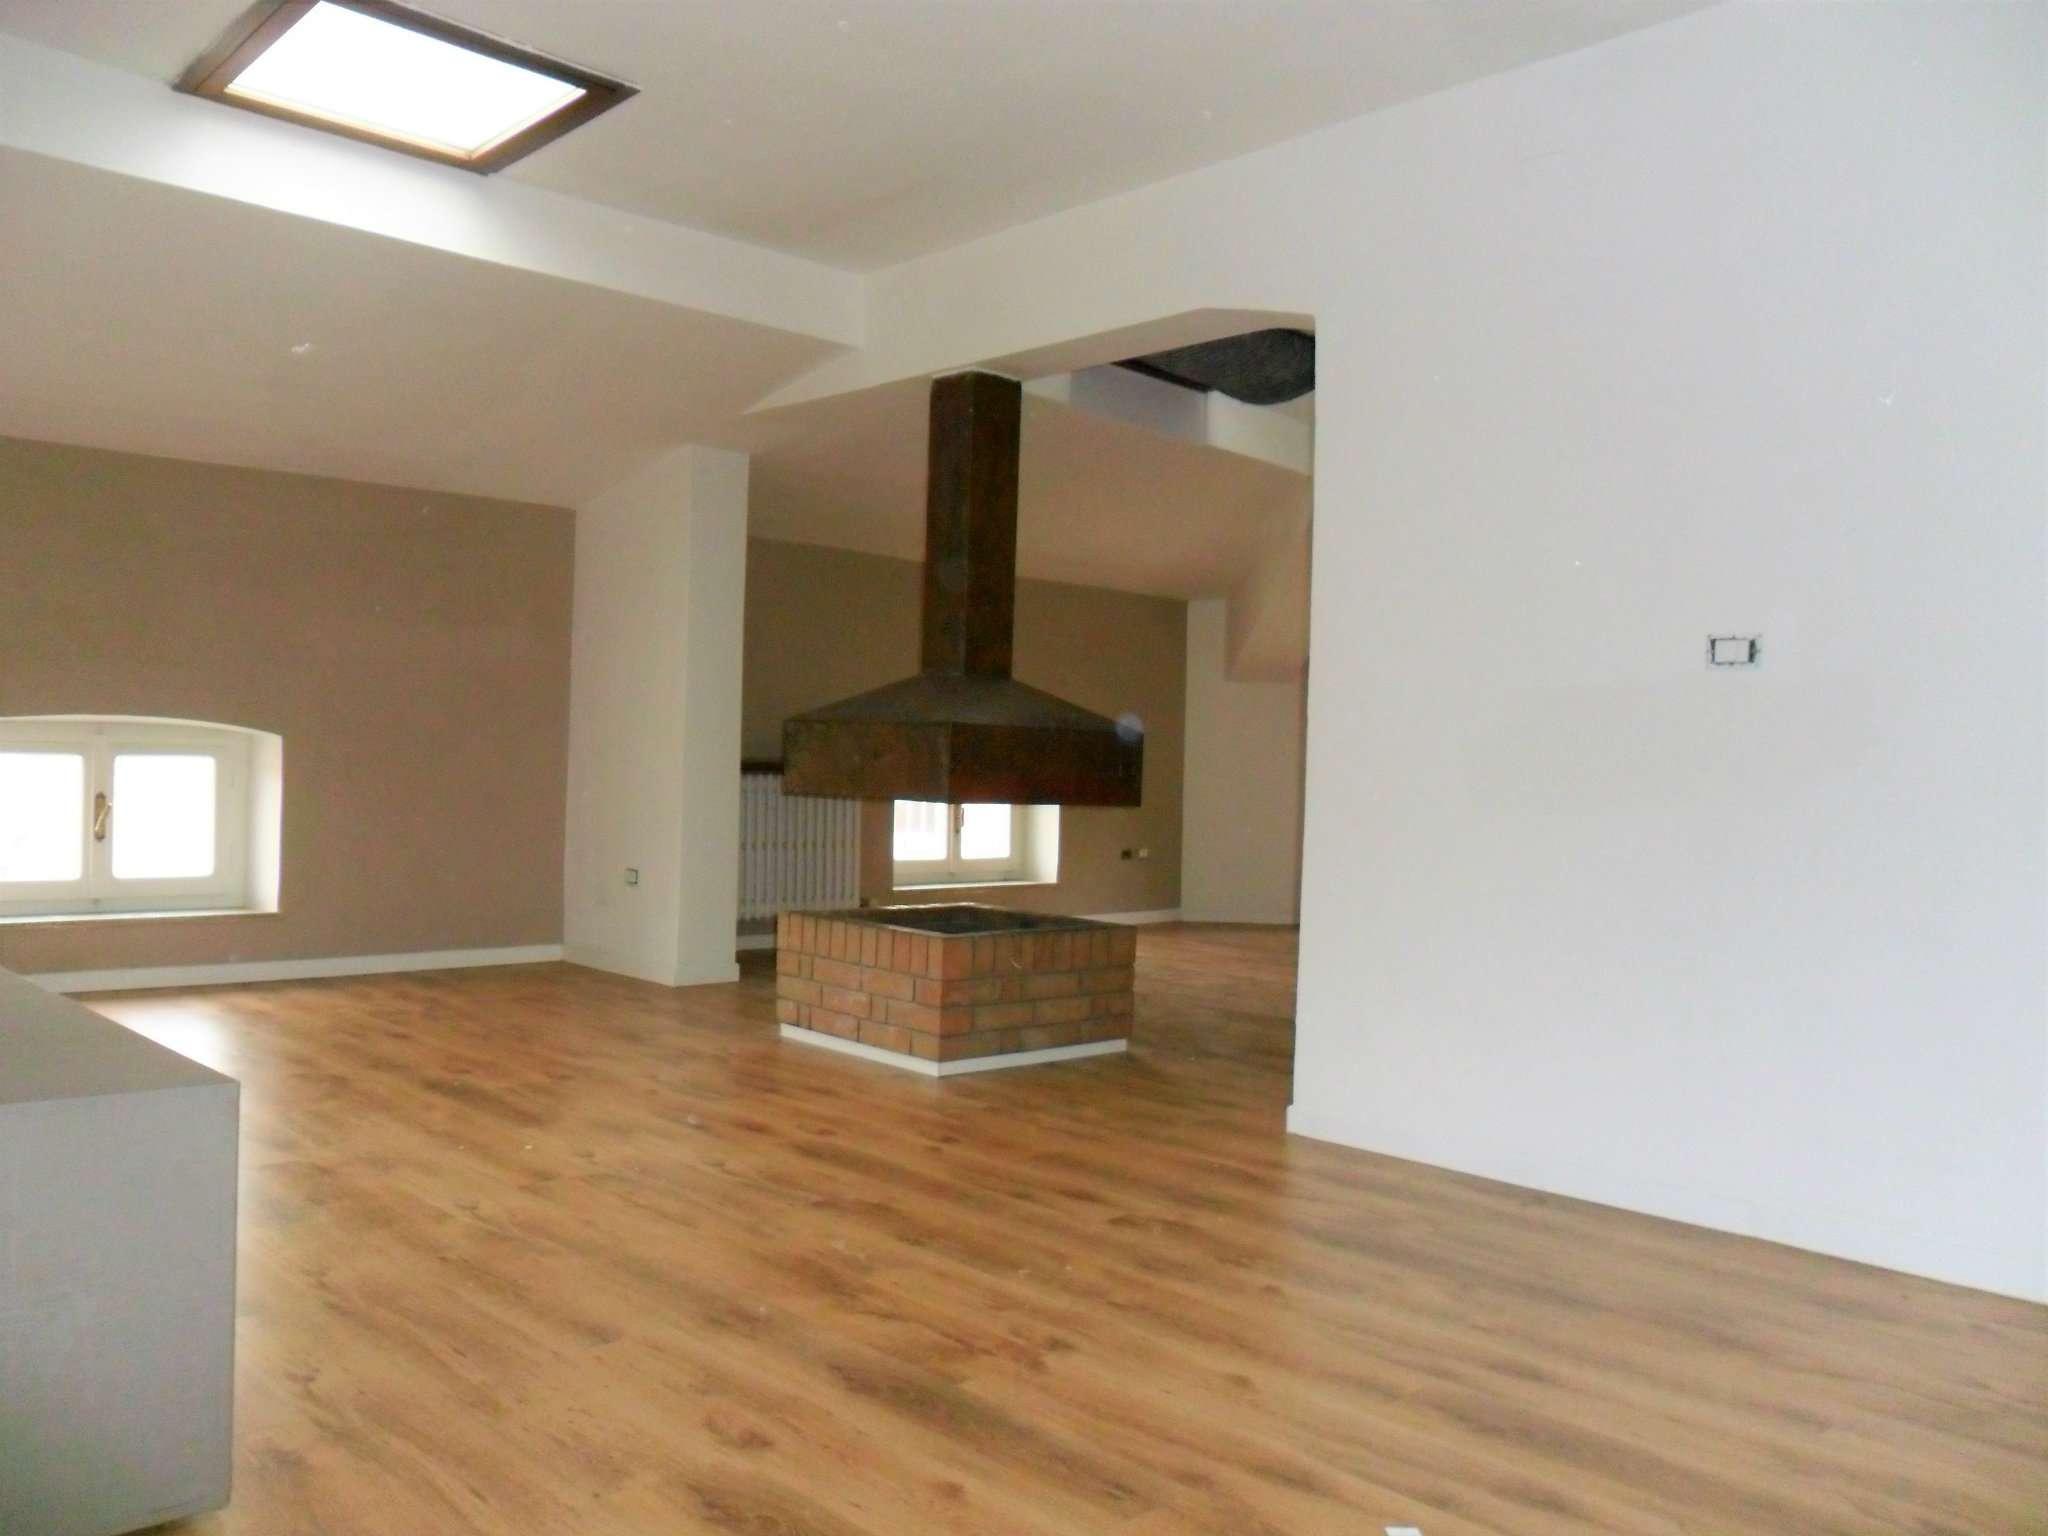 Appartamento in affitto a Noceto, 3 locali, prezzo € 550 | Cambio Casa.it